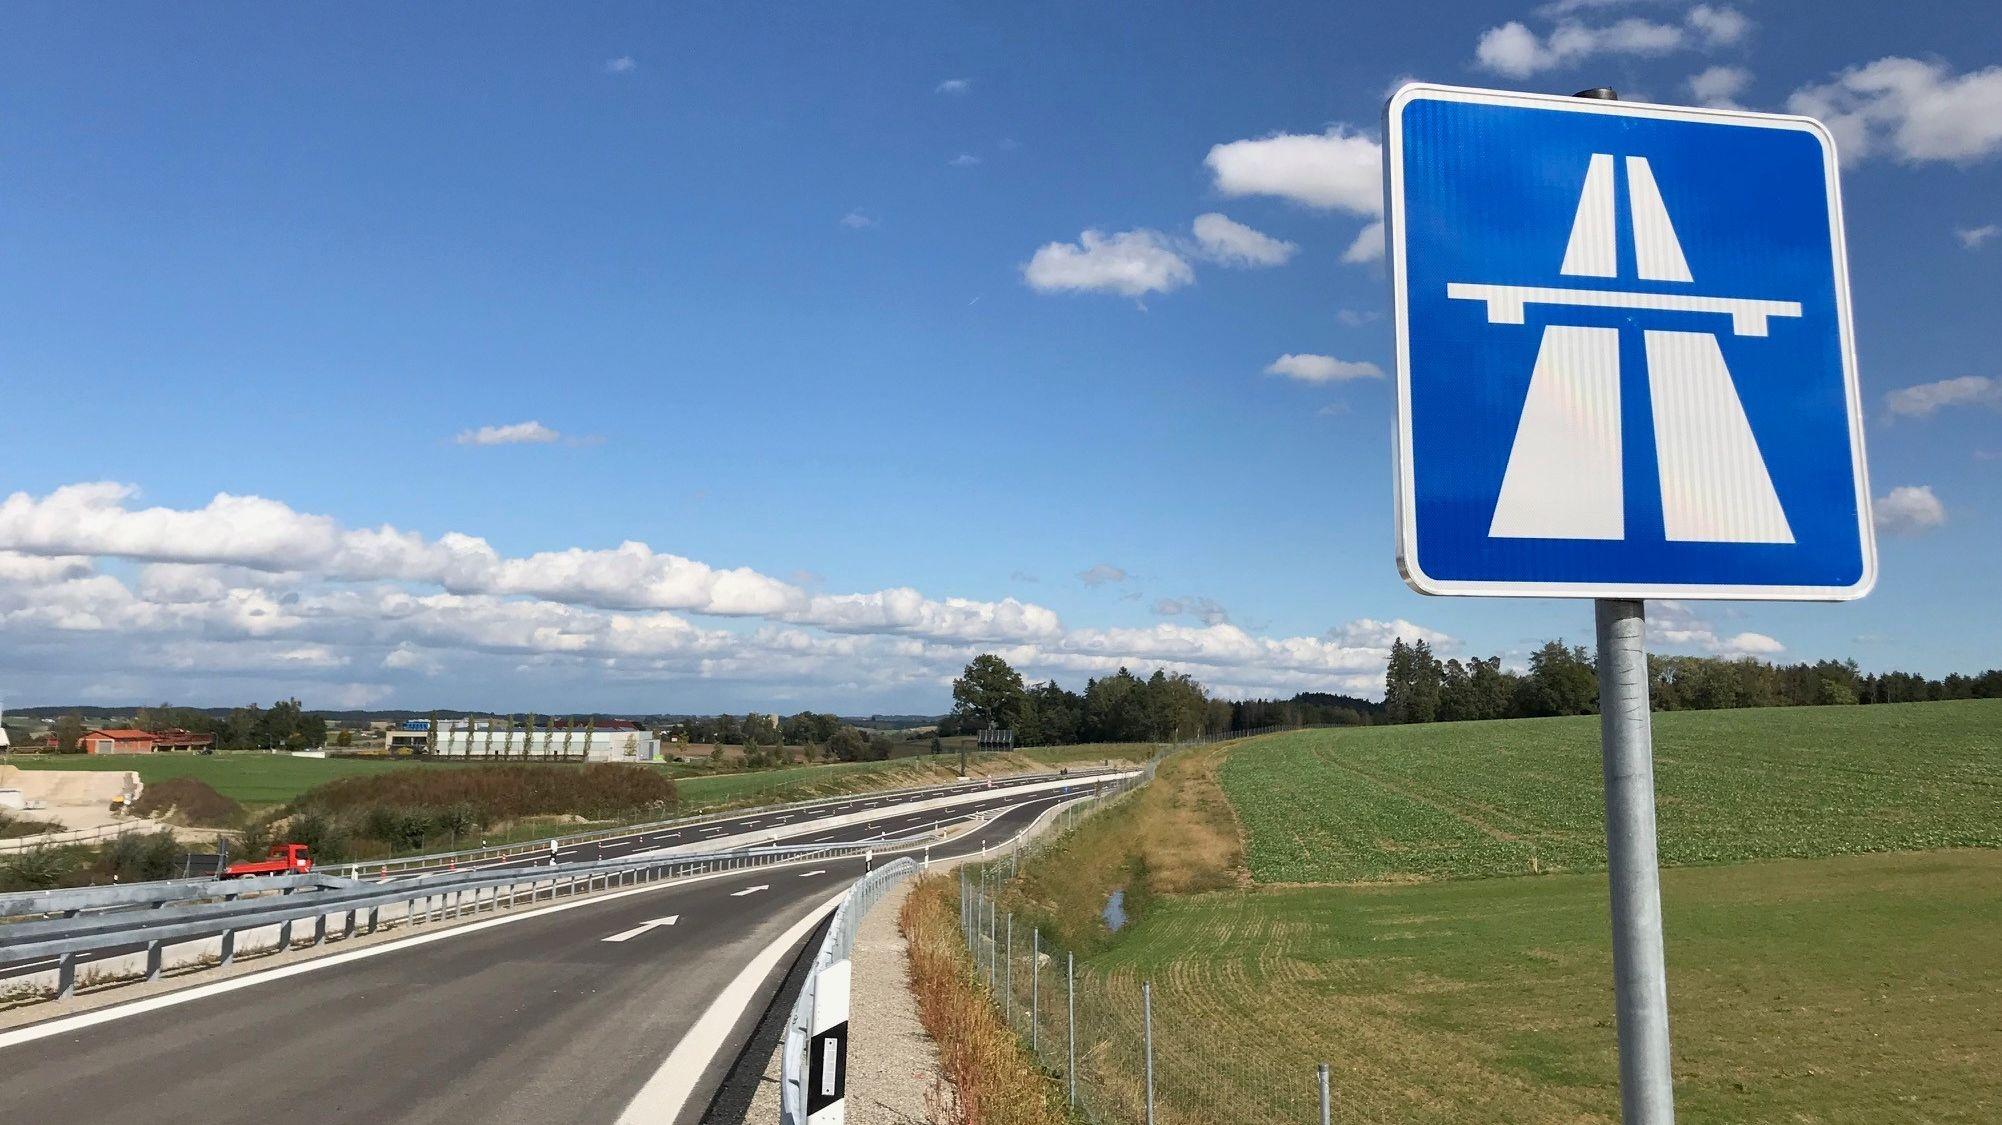 Die Fahrbahn der neu gebauten A94 zieht sich durchs Isental - im Vordergrund ein blaues Autobahn-Straßenschild